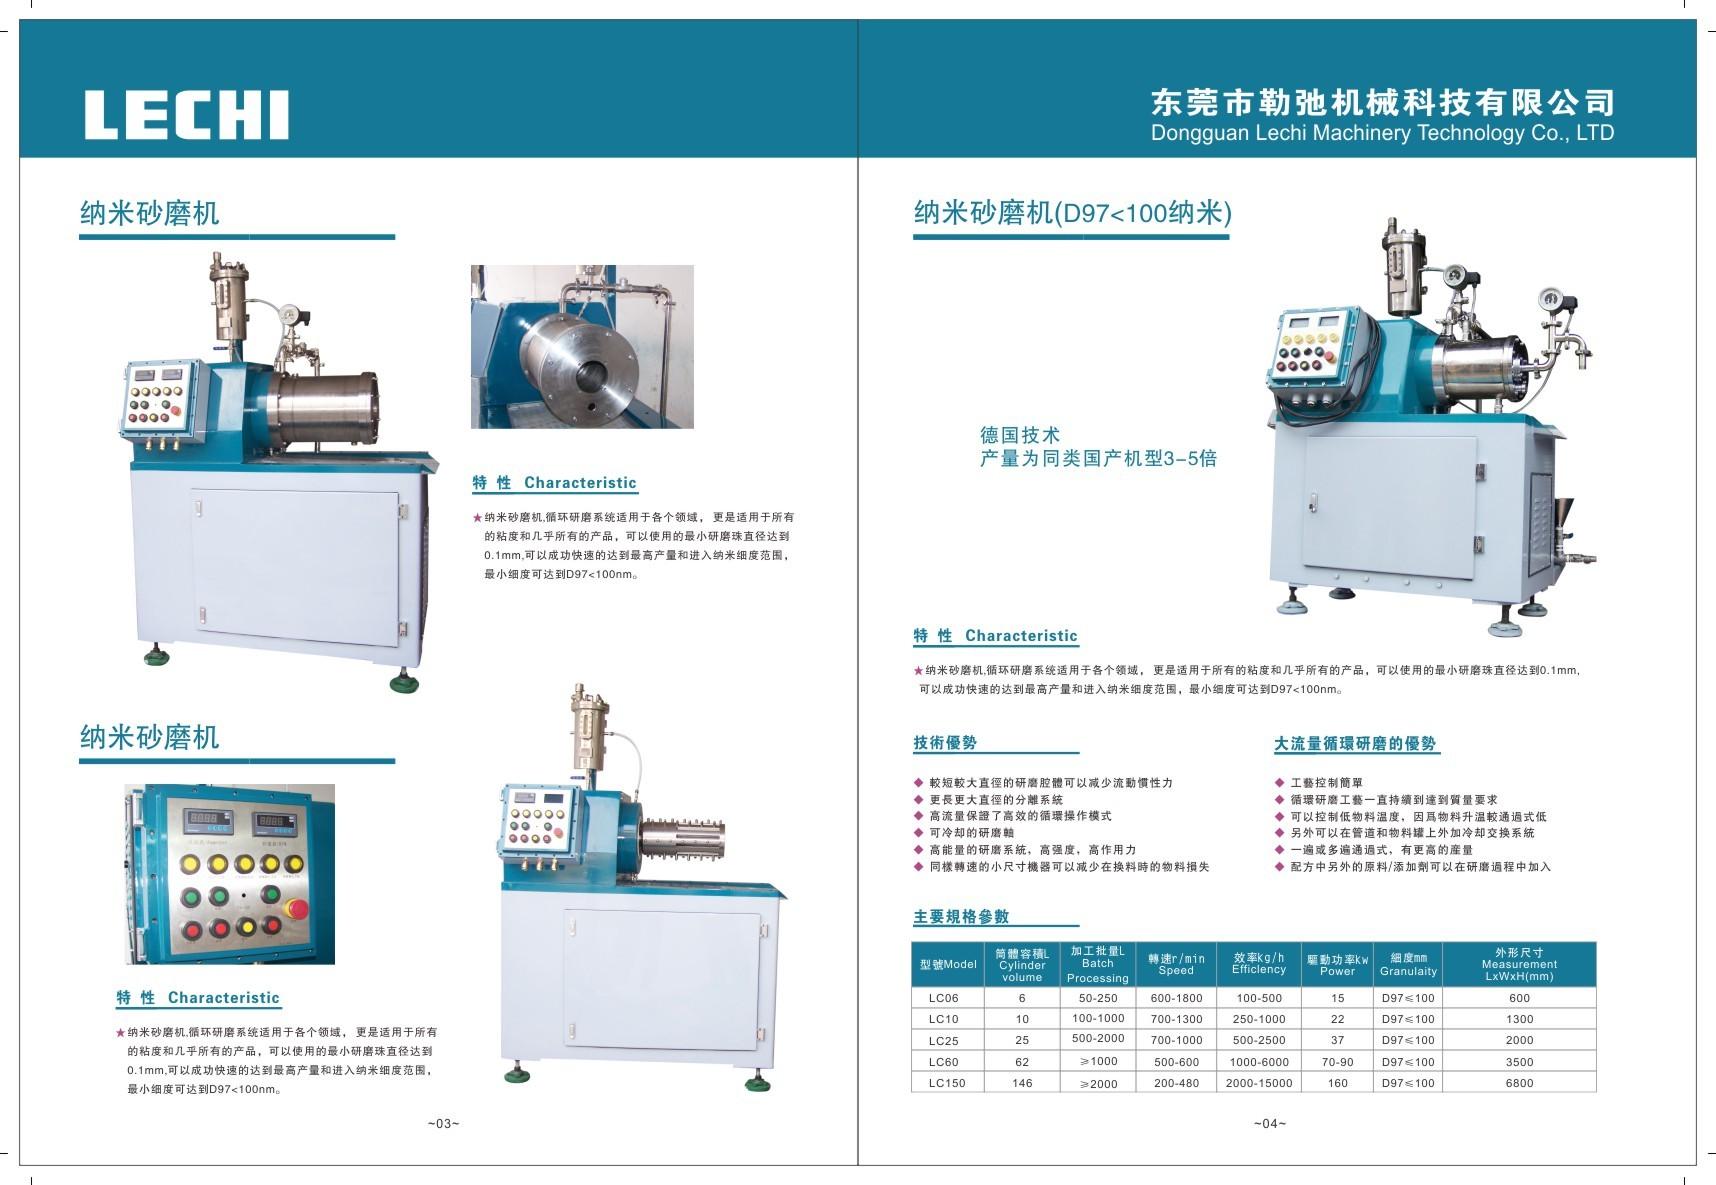 China 30L-200L Disc Sander, 30L-200L Disc Sander Wholesalers, 30L-200L Disc Sander Brands